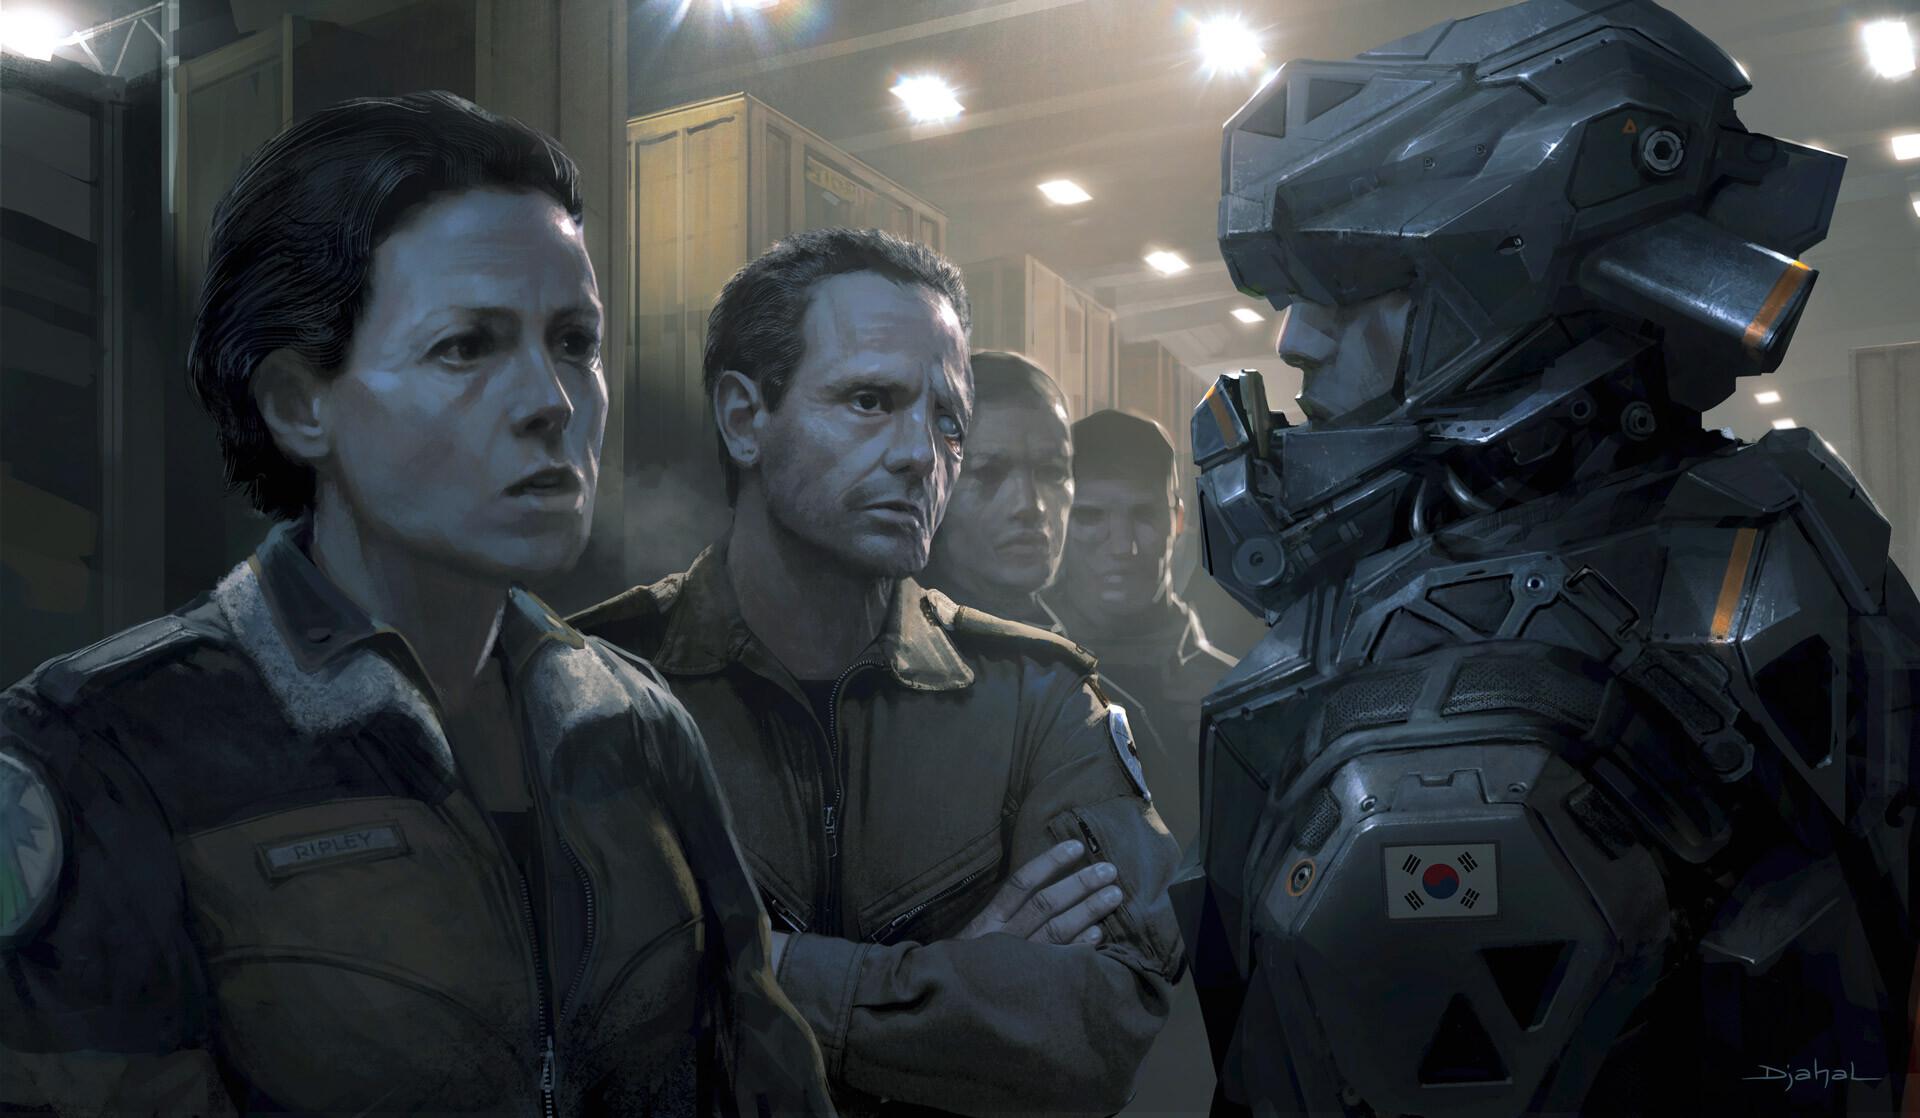 geoffroy-thoorens-alien5-mercenaries.jpg